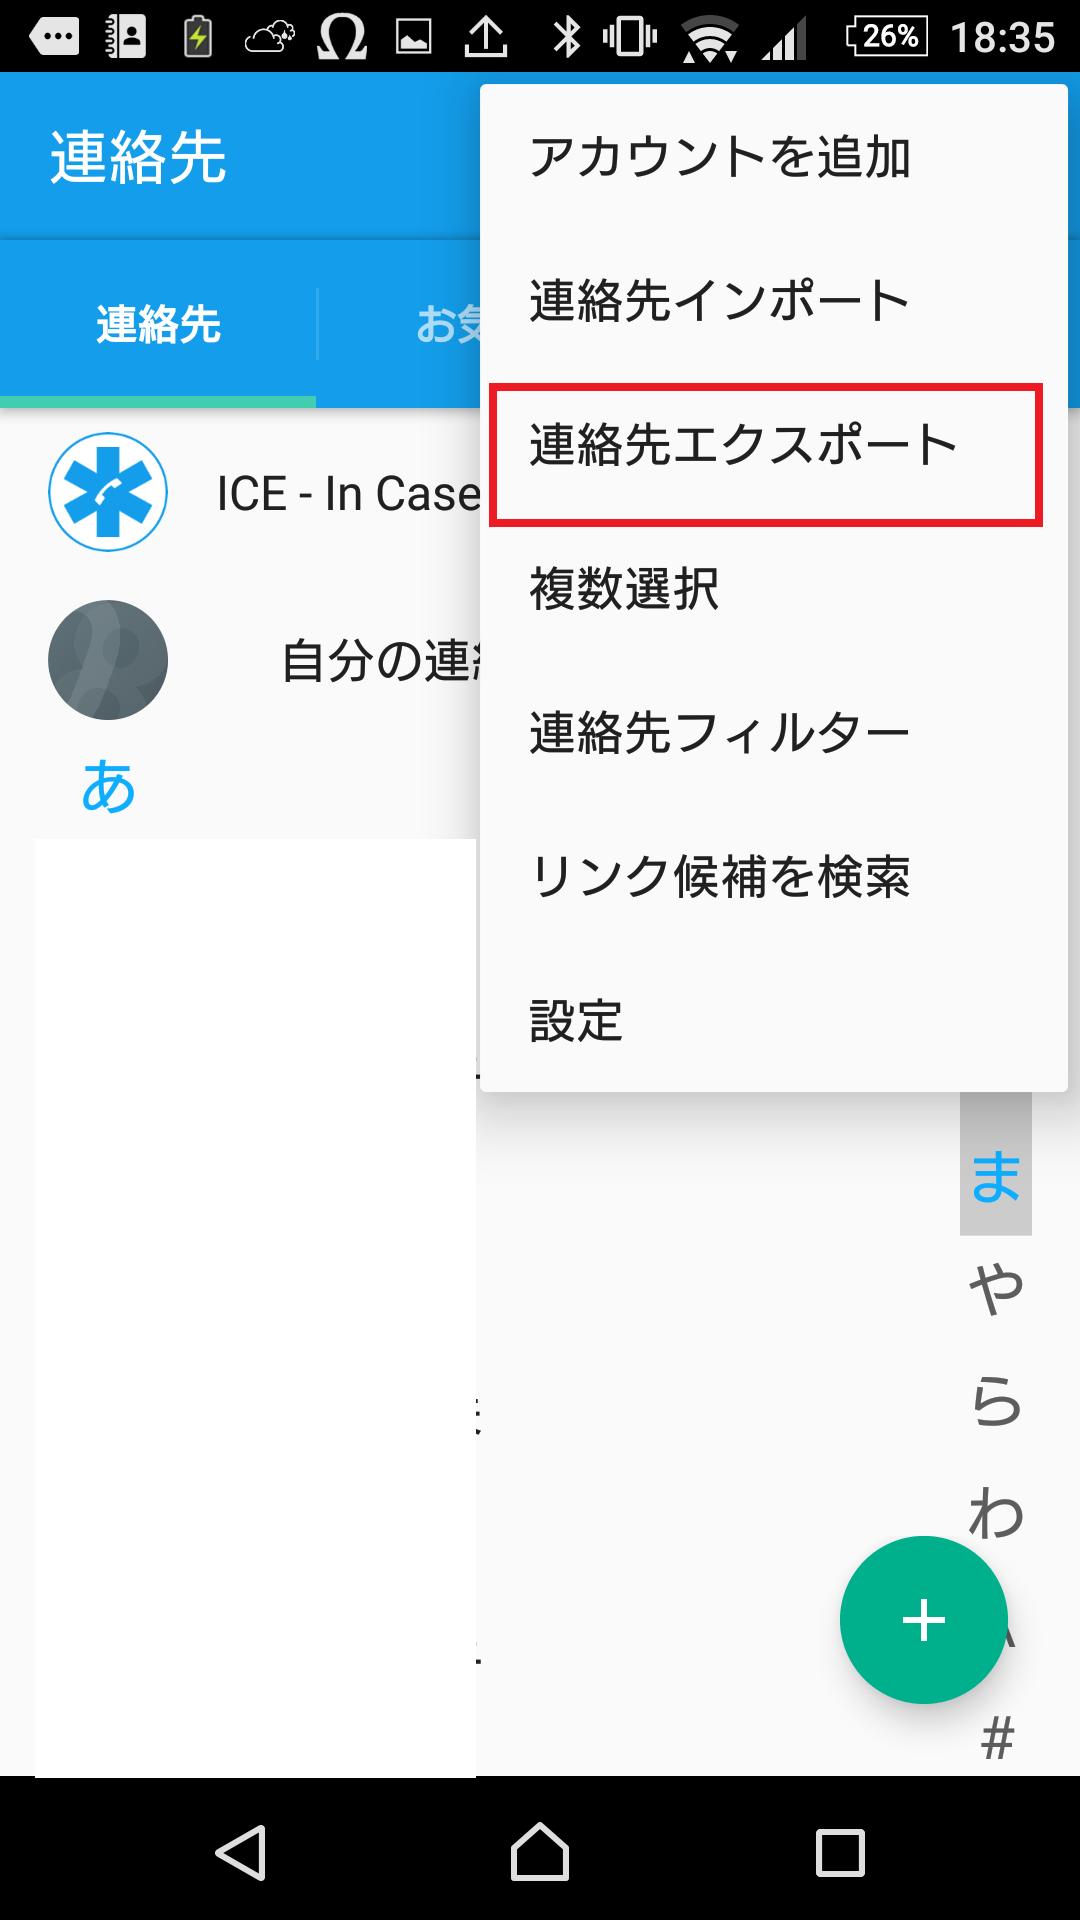 Xperia_contact_2